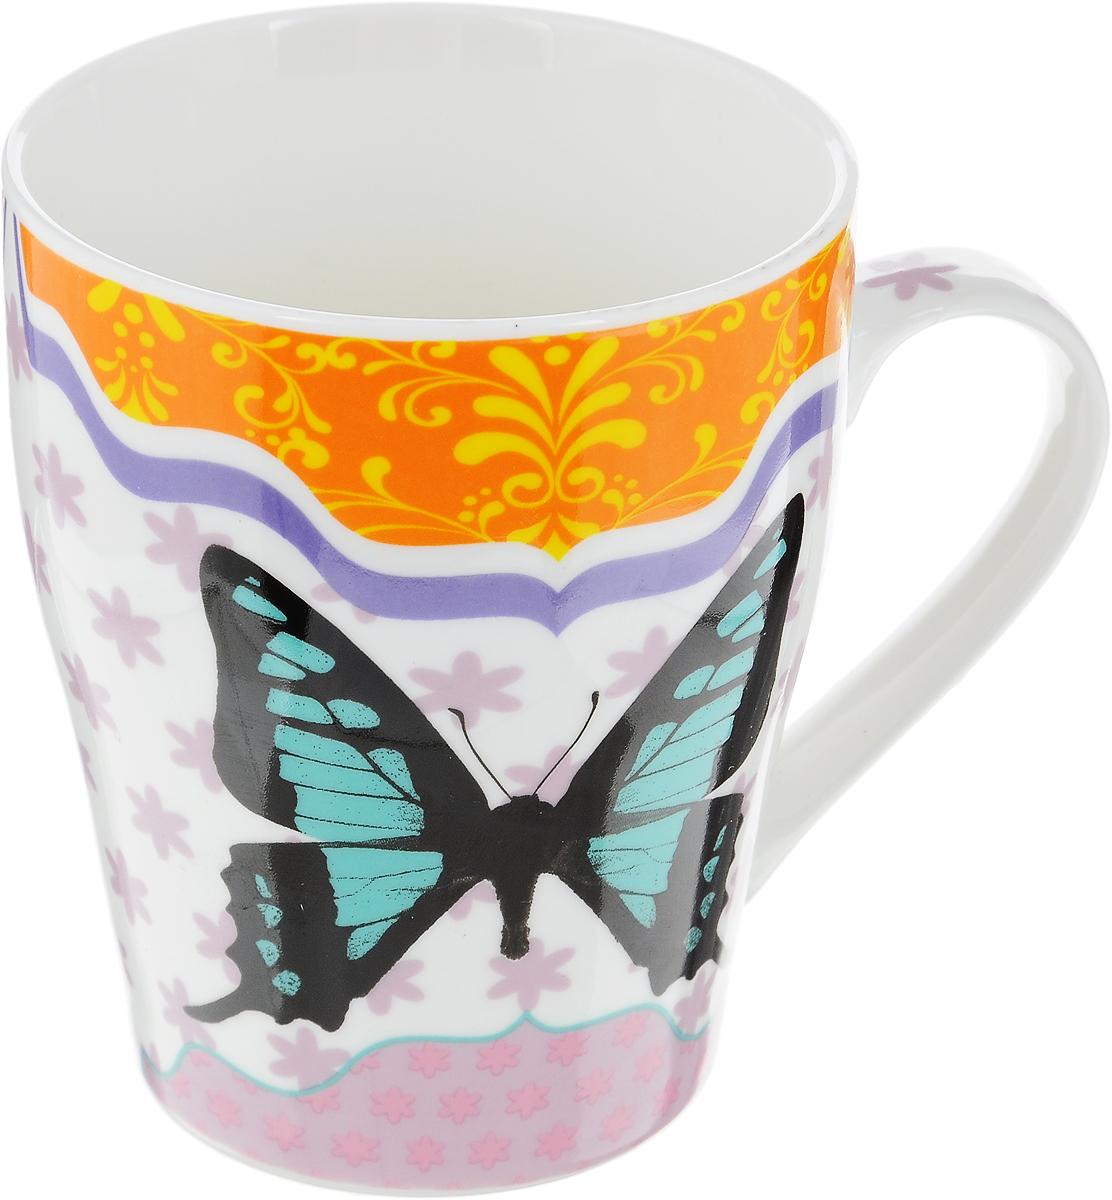 Кружка Loraine Бабочка, цвет: белый, бирюзовый, черный, 340 мл290148Кружка Loraine Бабочка изготовлена из прочного качественного костяного фарфора. Изделие оформлено красочным рисунком. Благодаря своим термостатическим свойствам, изделие отлично сохраняет температуру содержимого - морозной зимой кружка будет согревать вас горячим чаем, а знойным летом, напротив, радовать прохладными напитками. Такой аксессуар создаст атмосферу тепла и уюта, настроит на позитивный лад и подарит хорошее настроение с самого утра. Это оригинальное изделие идеально подойдет в подарок близкому человеку. Диаметр (по верхнему краю): 8 см.Высота кружки: 10 см.